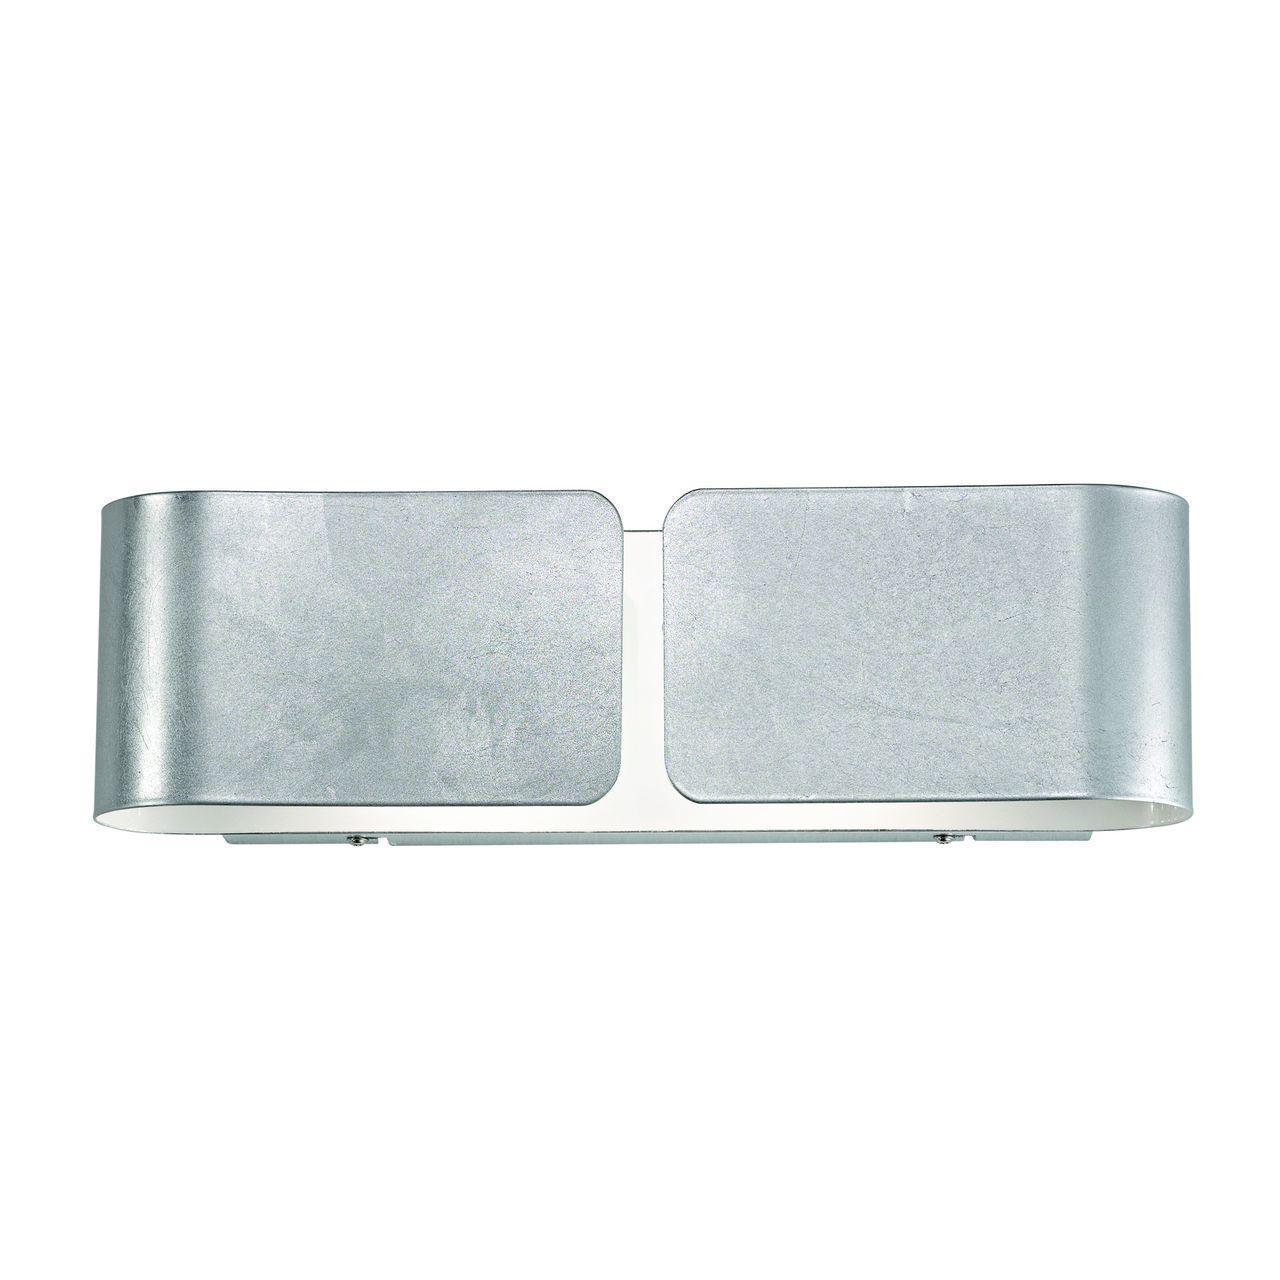 Настенный светильник Ideal Lux Clip AP2 Small Argento настенный светильник ideal lux clip ap2 small argento